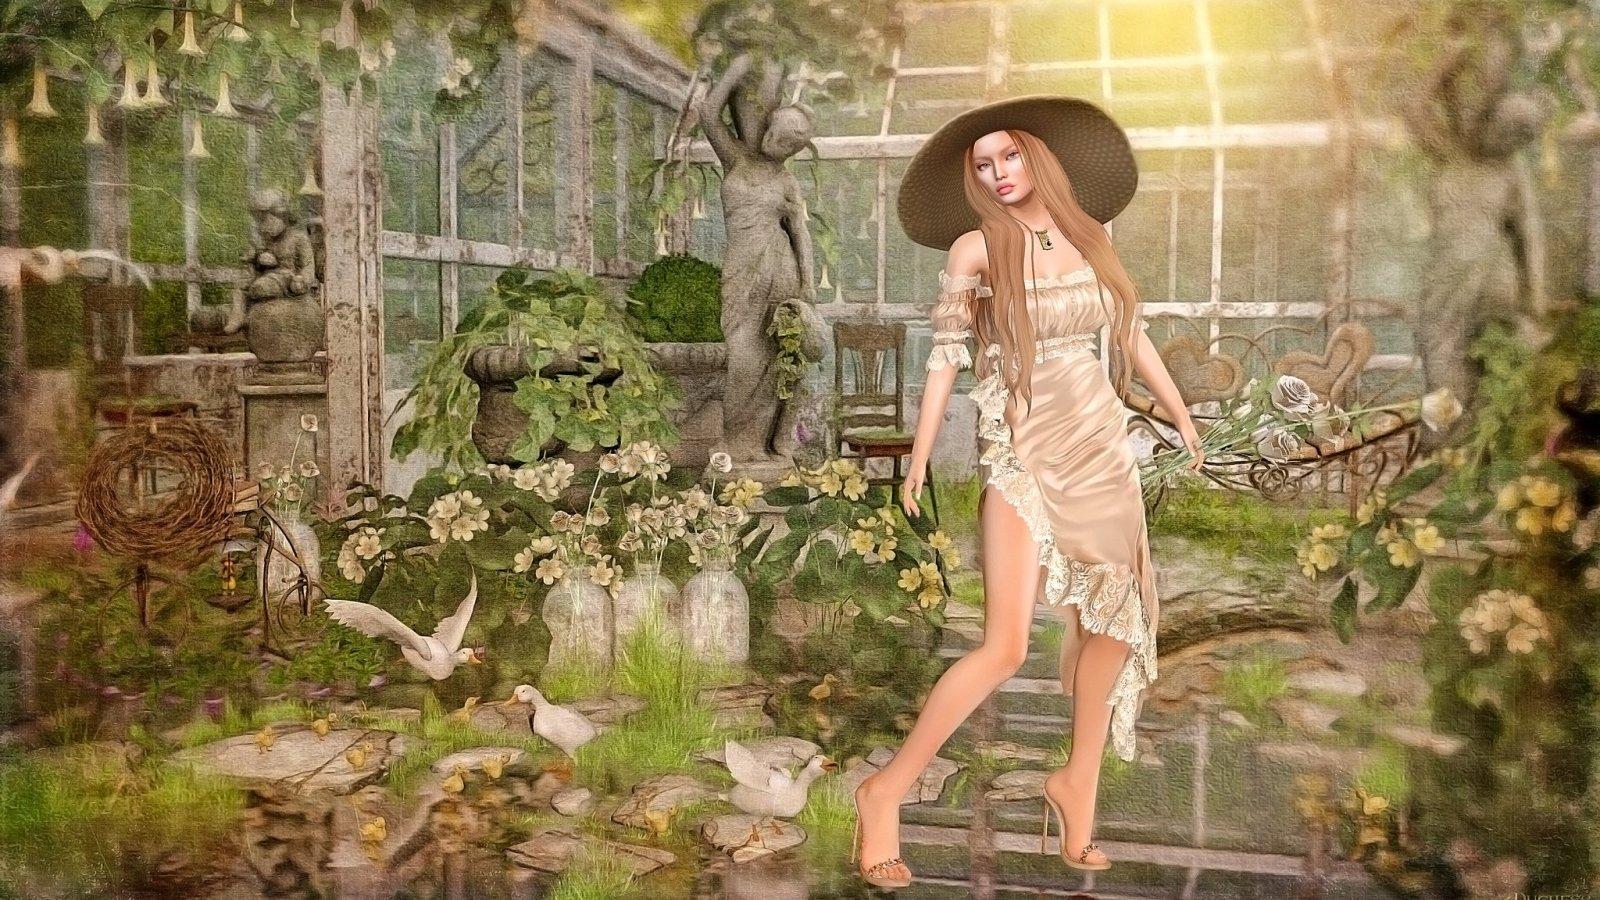 Korina's Garden